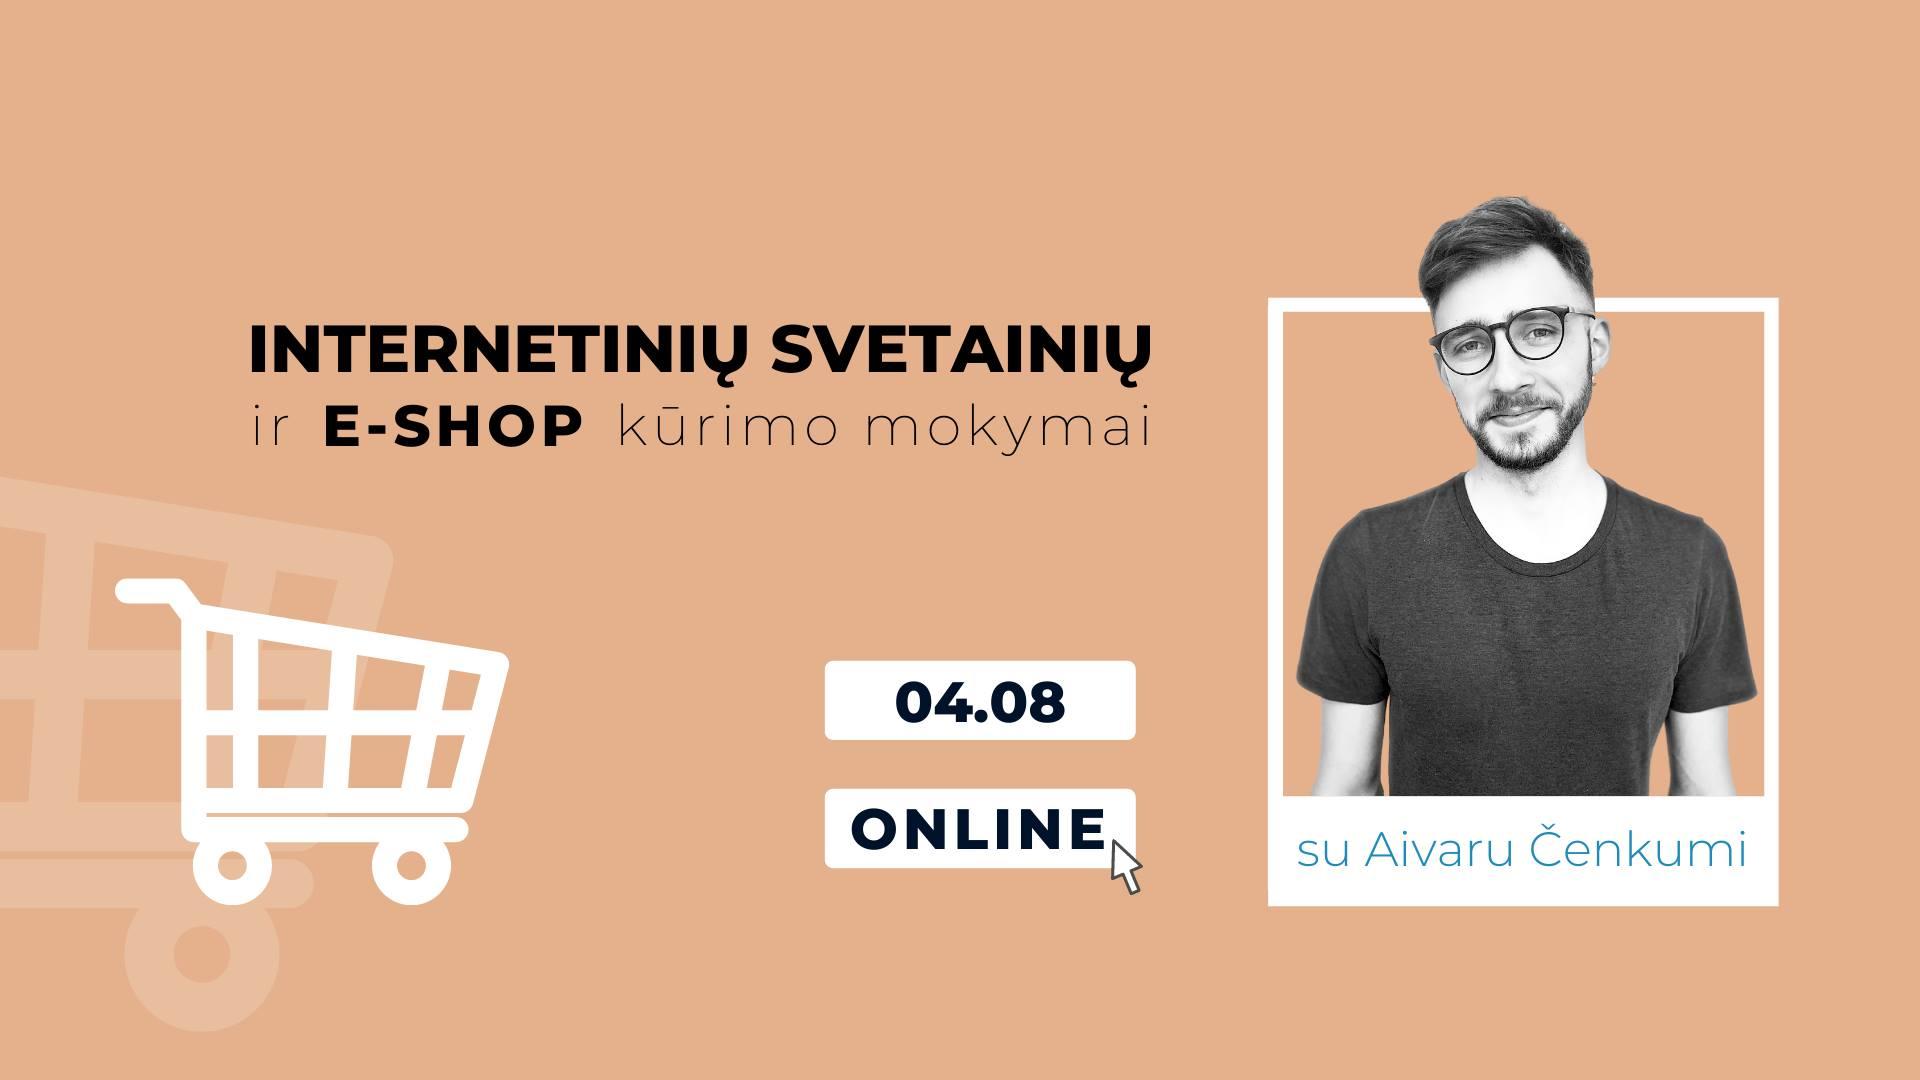 Mokymai online marketingomokykla.lt